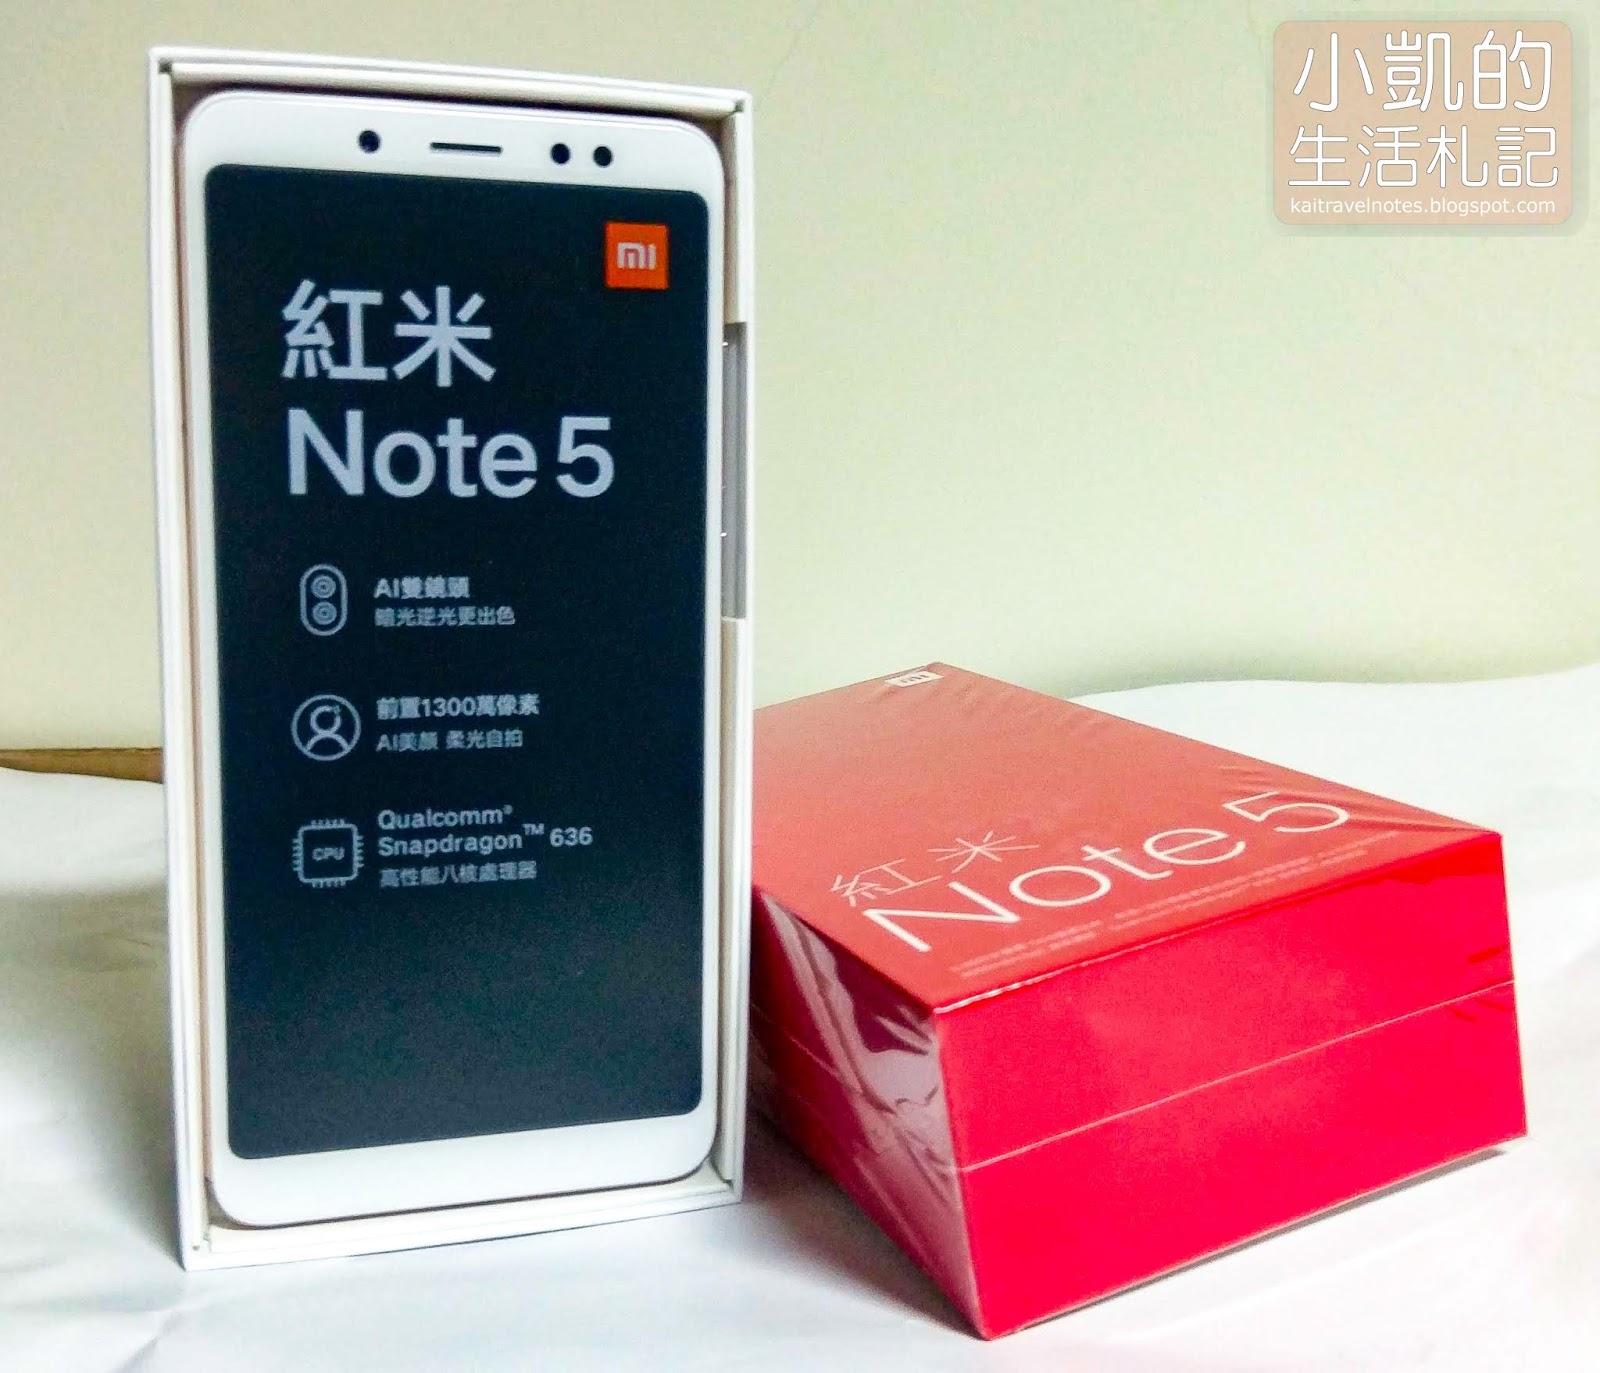 『開箱』| 小米手機 | 紅米note5 | 高cp值禮物 | 孝親禮 | 6吋大螢幕 | 附心得感想